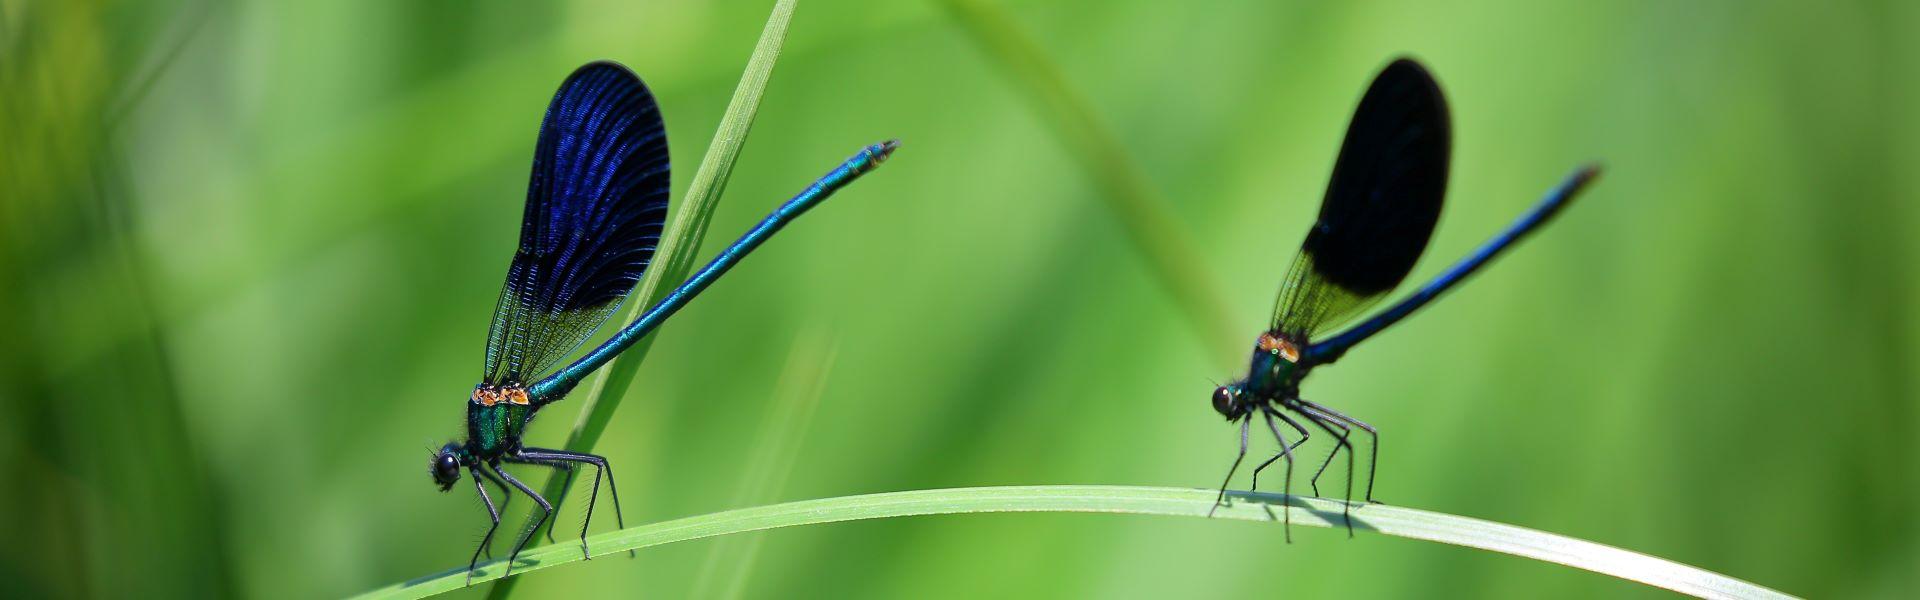 Insekten 1_Header